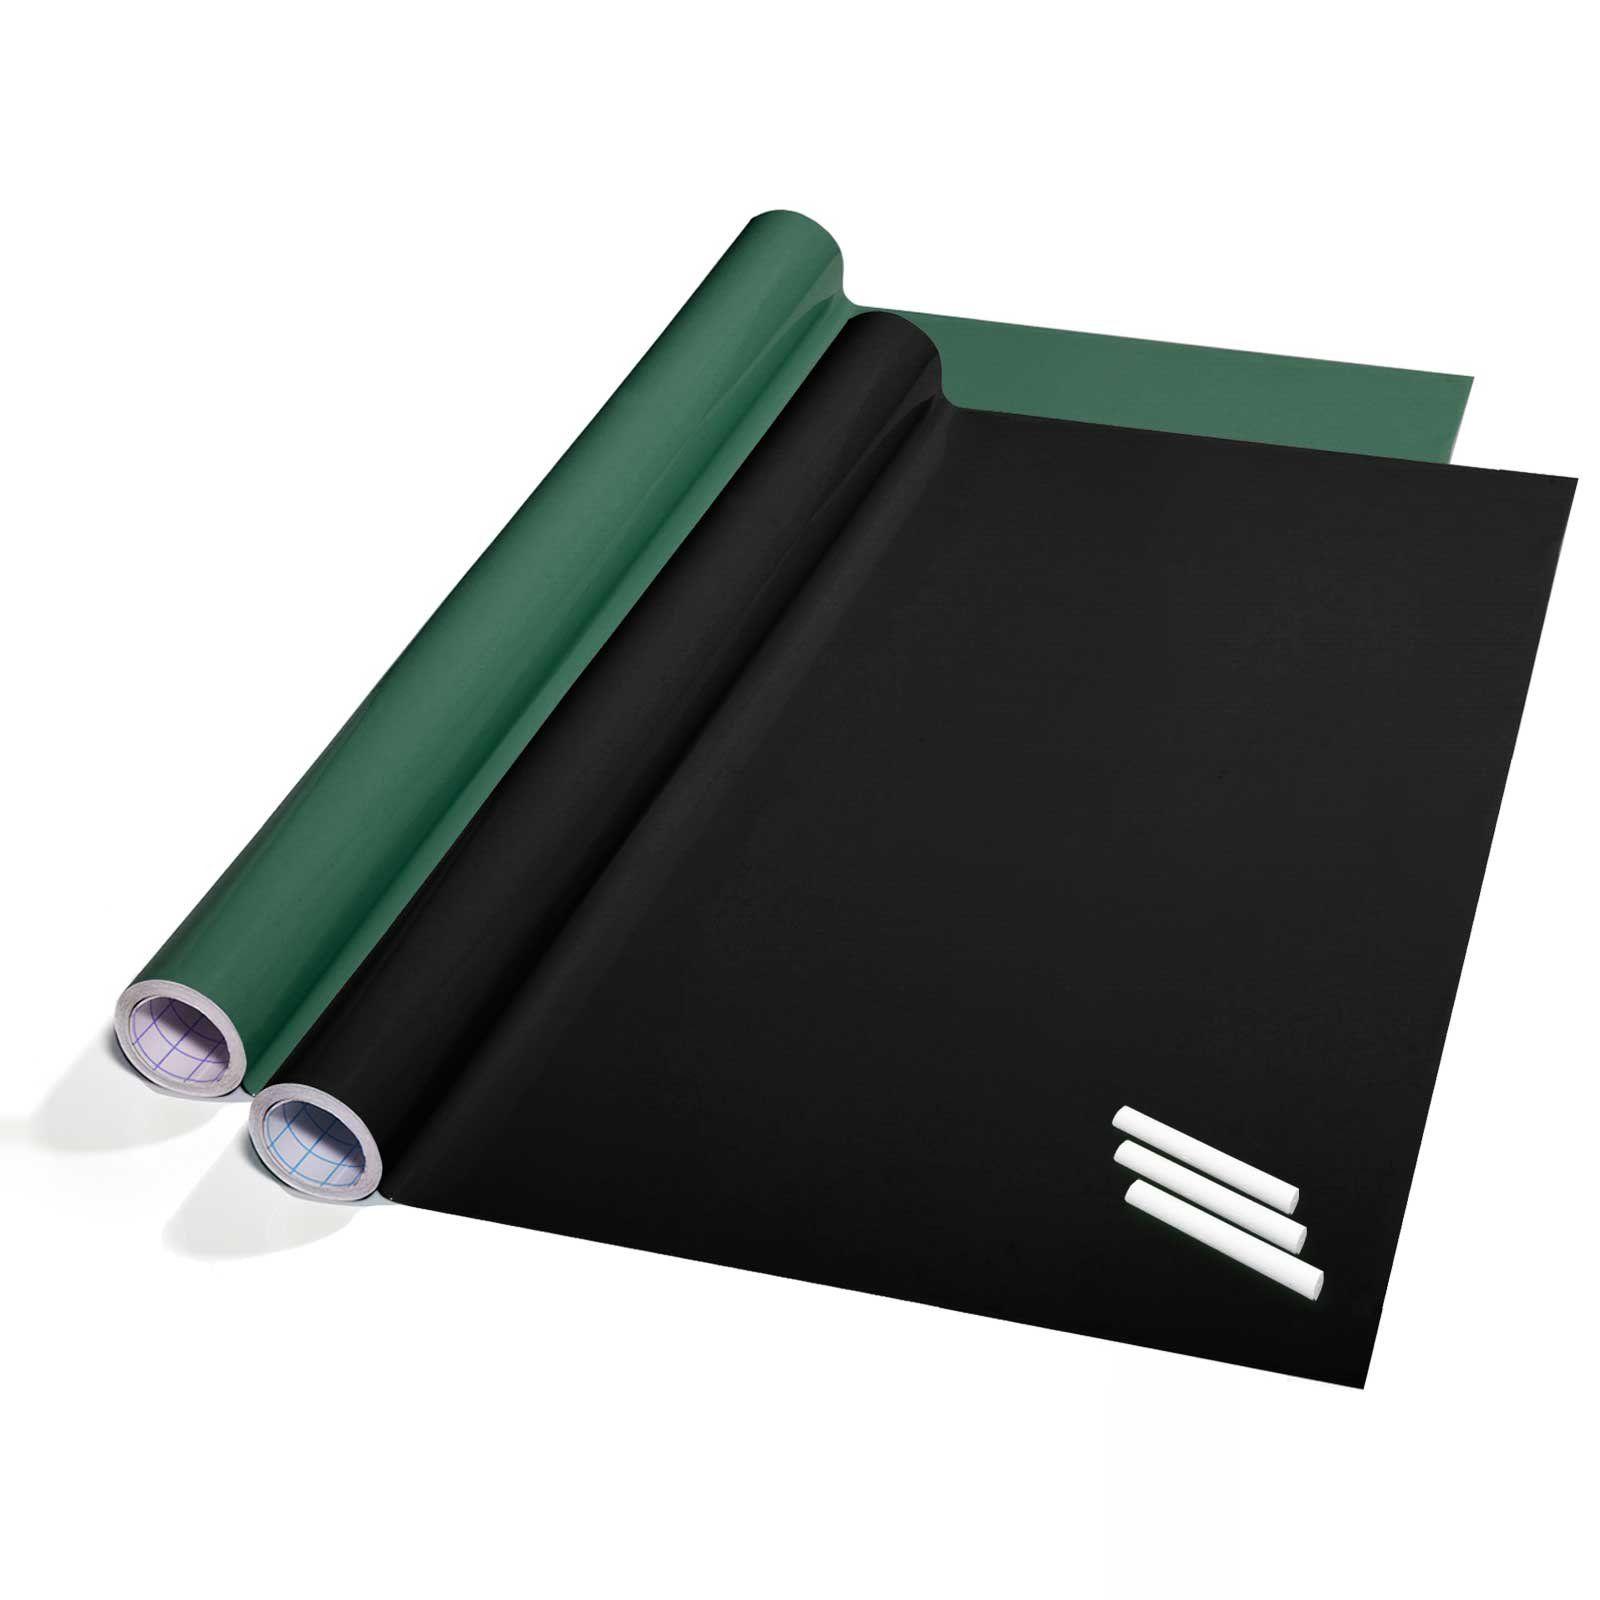 tafelfolie set selbstklebend | 60x300cm | inkl. kreide | zwei, Hause ideen